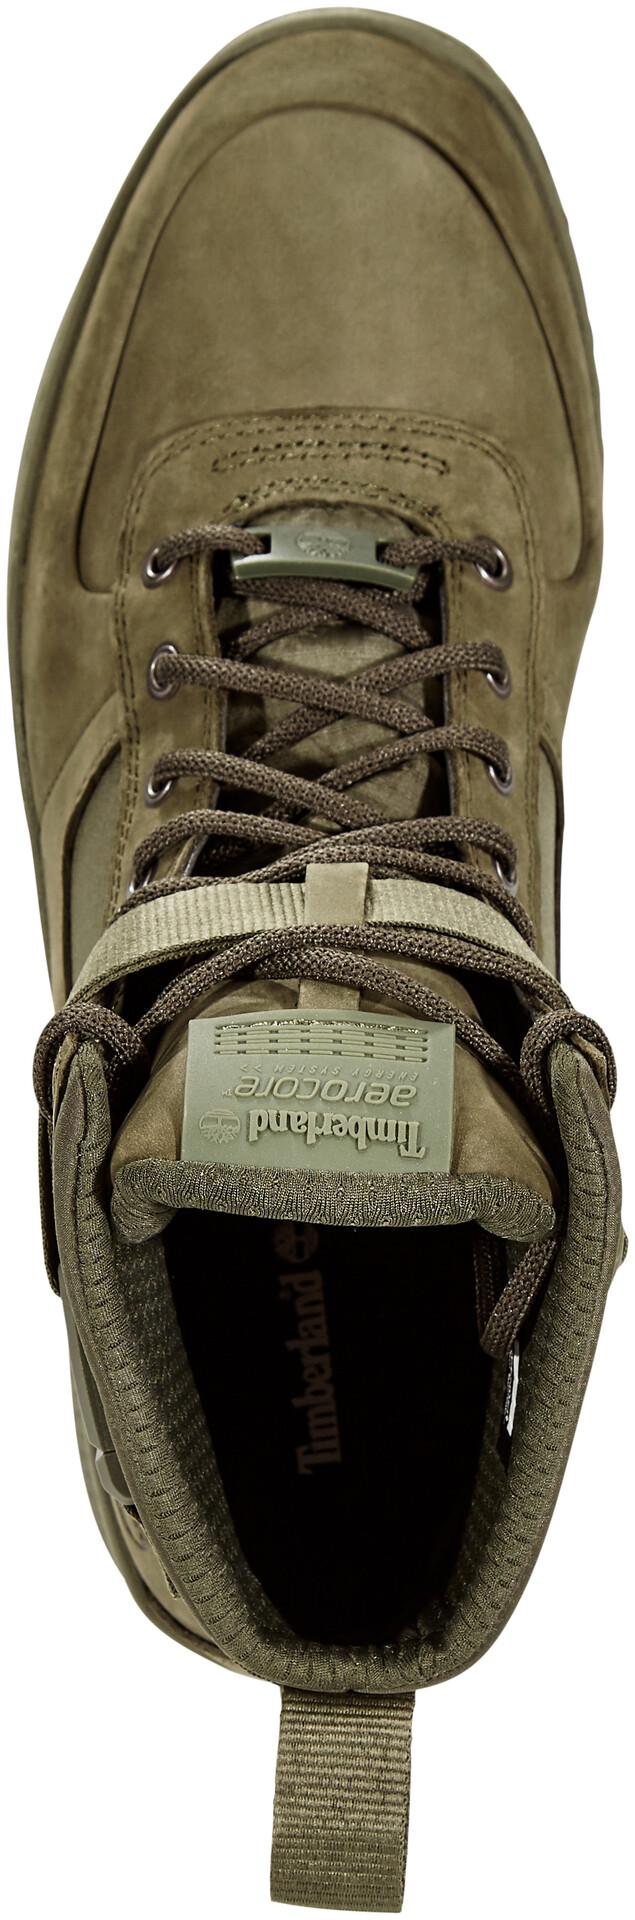 Timberland CityRoam Cupsole Chukka Shoes Herren dark green nubuck